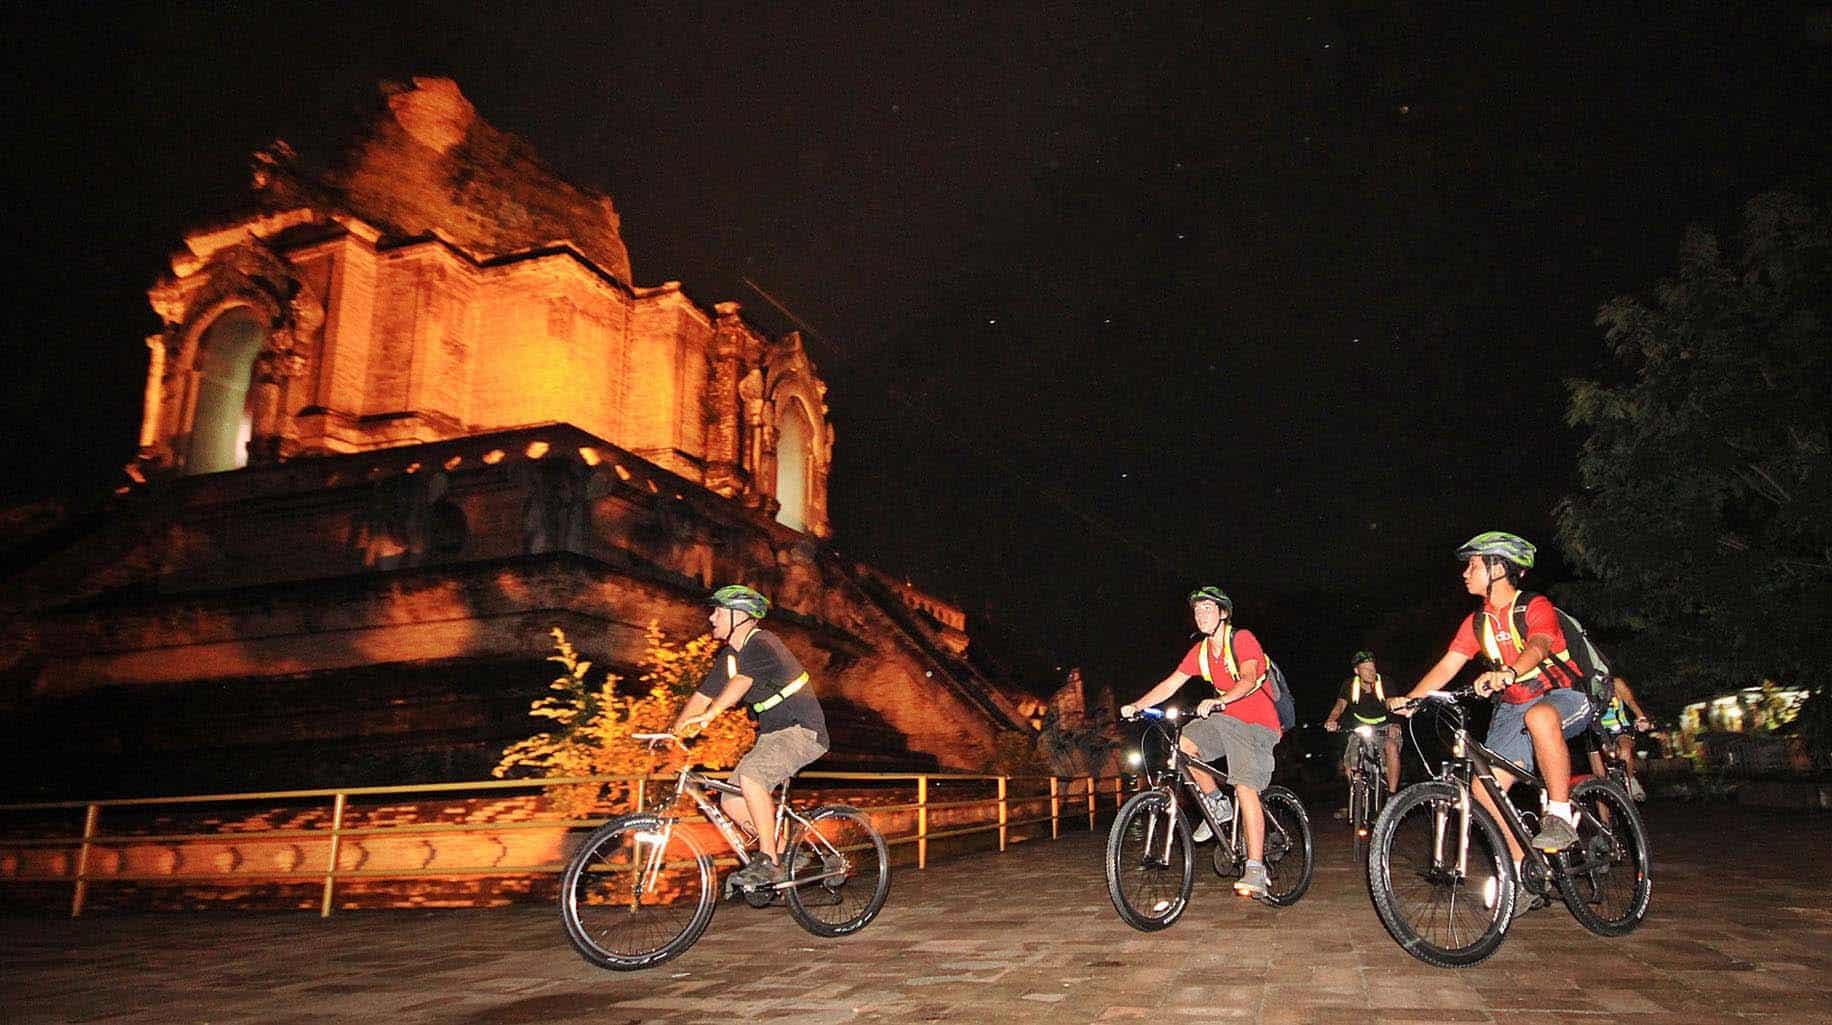 Chiang Mai Night Ride